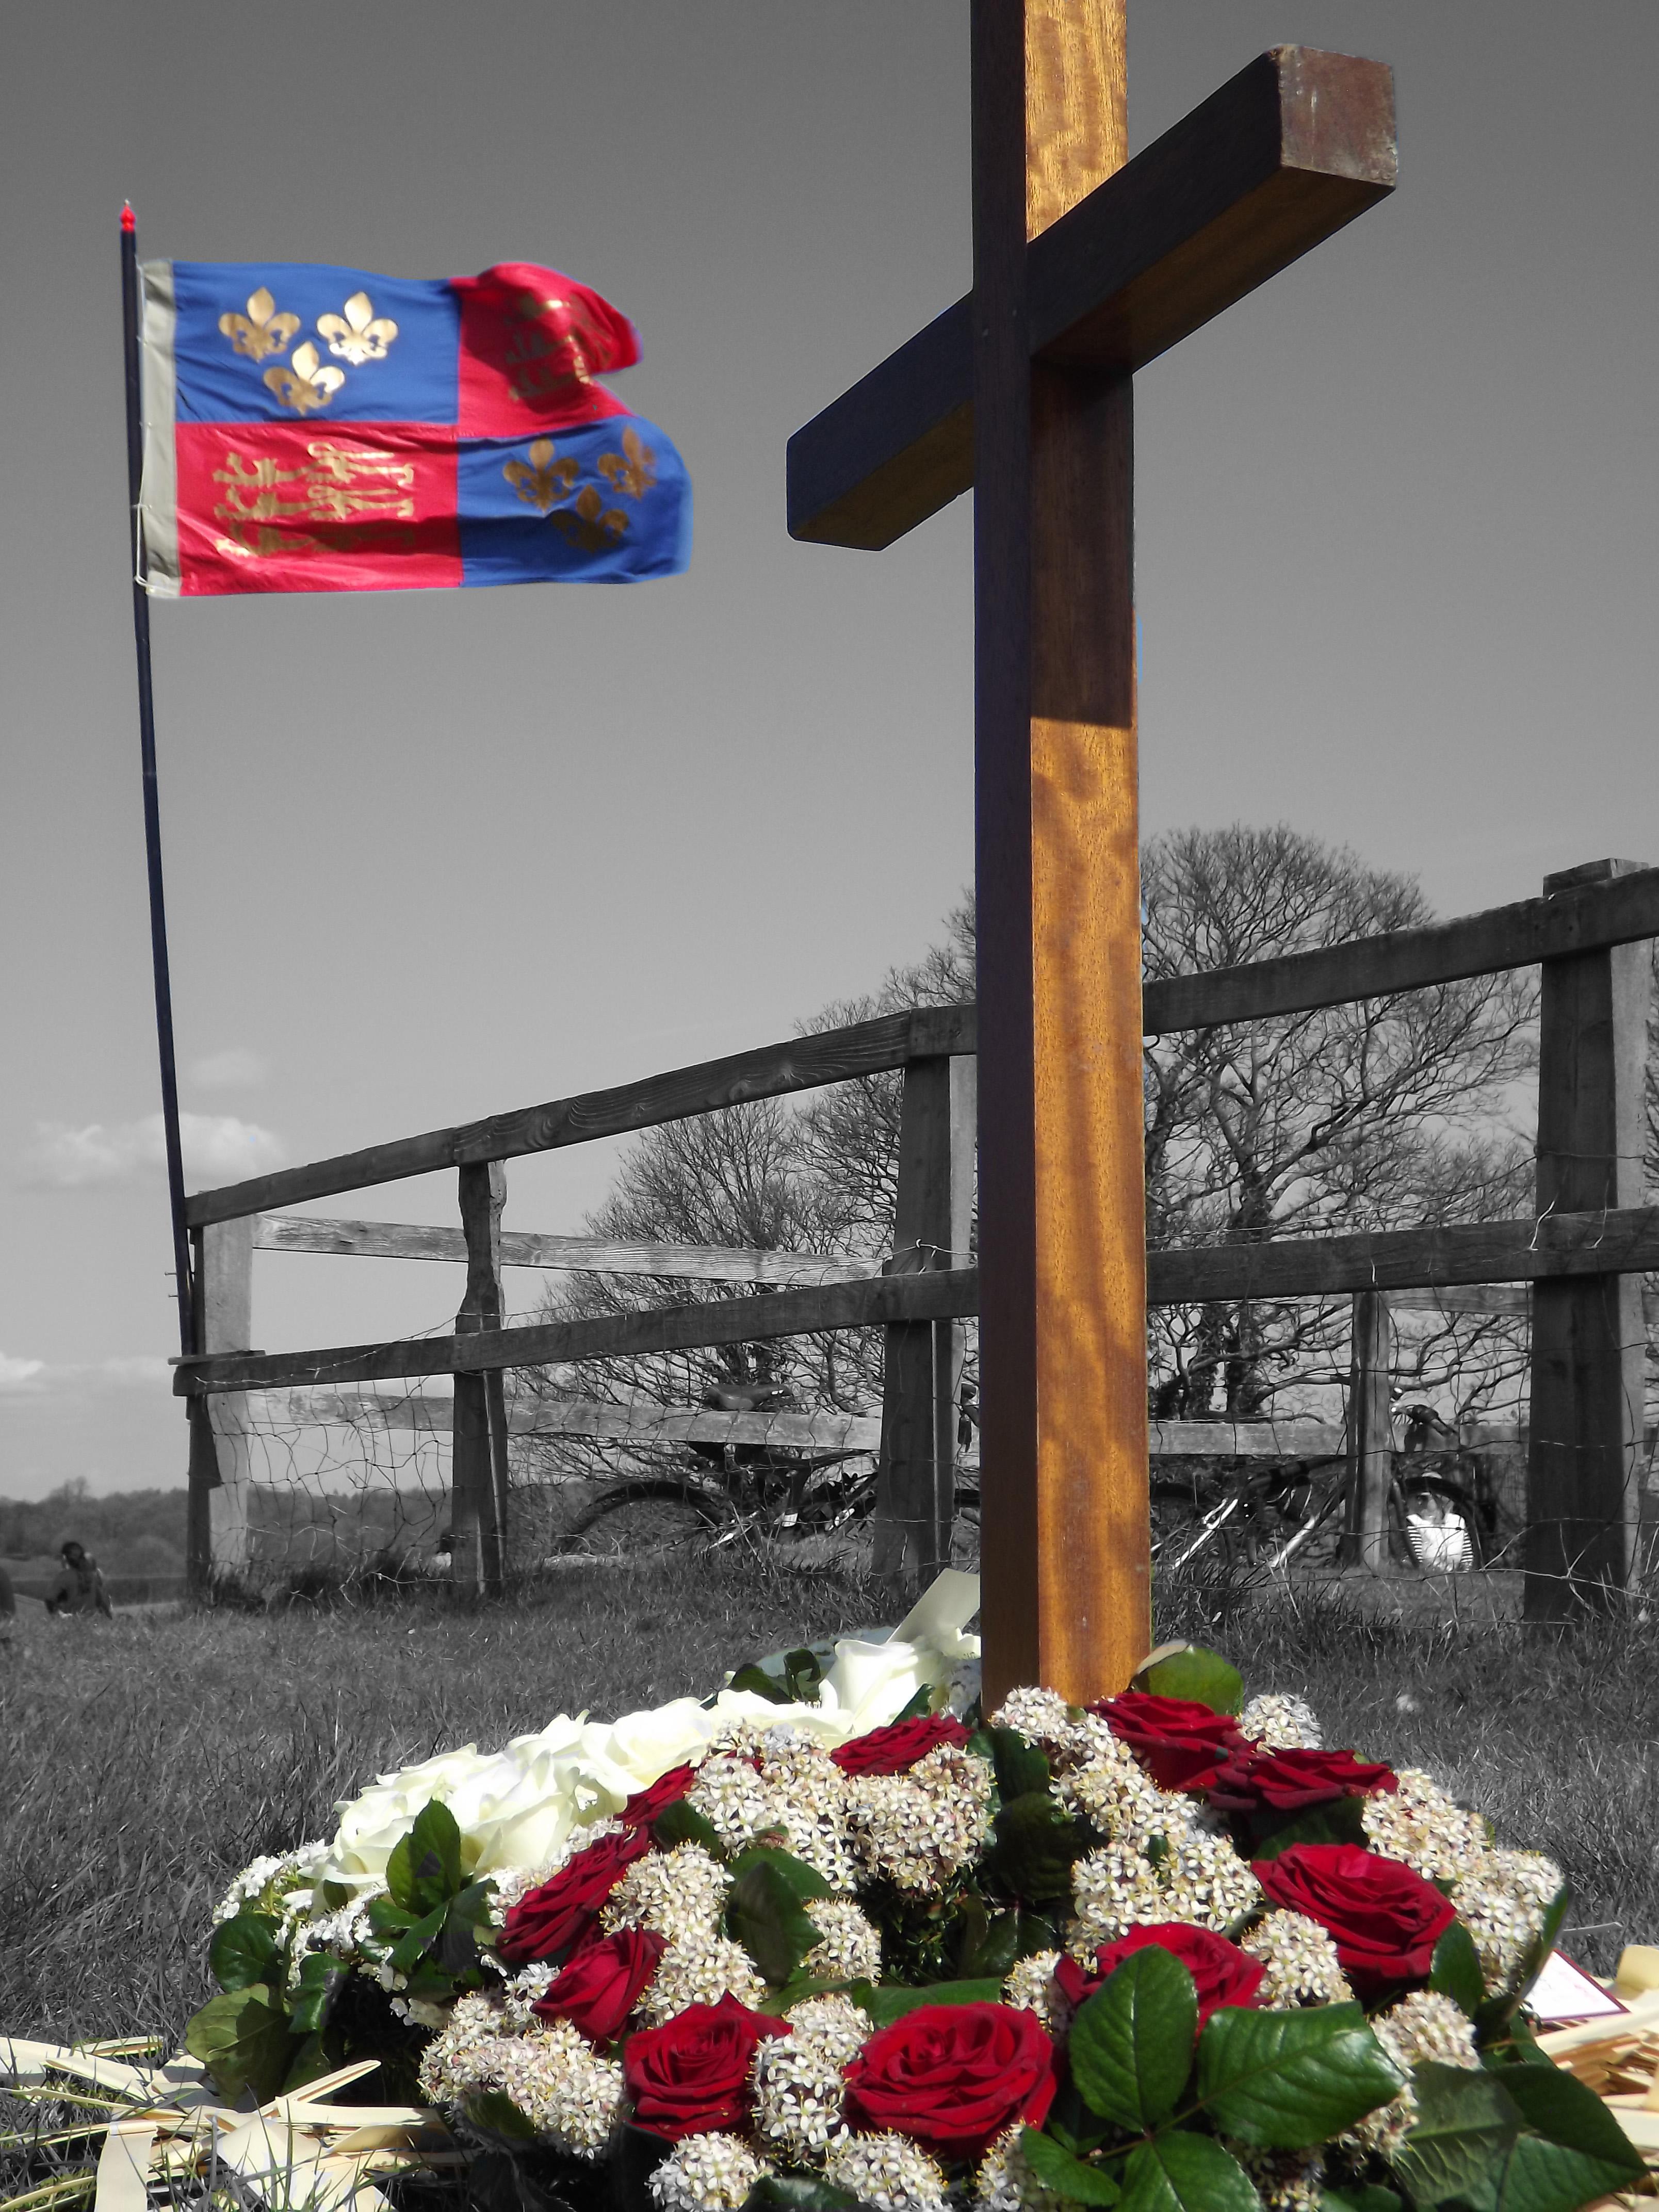 Towton Memorial